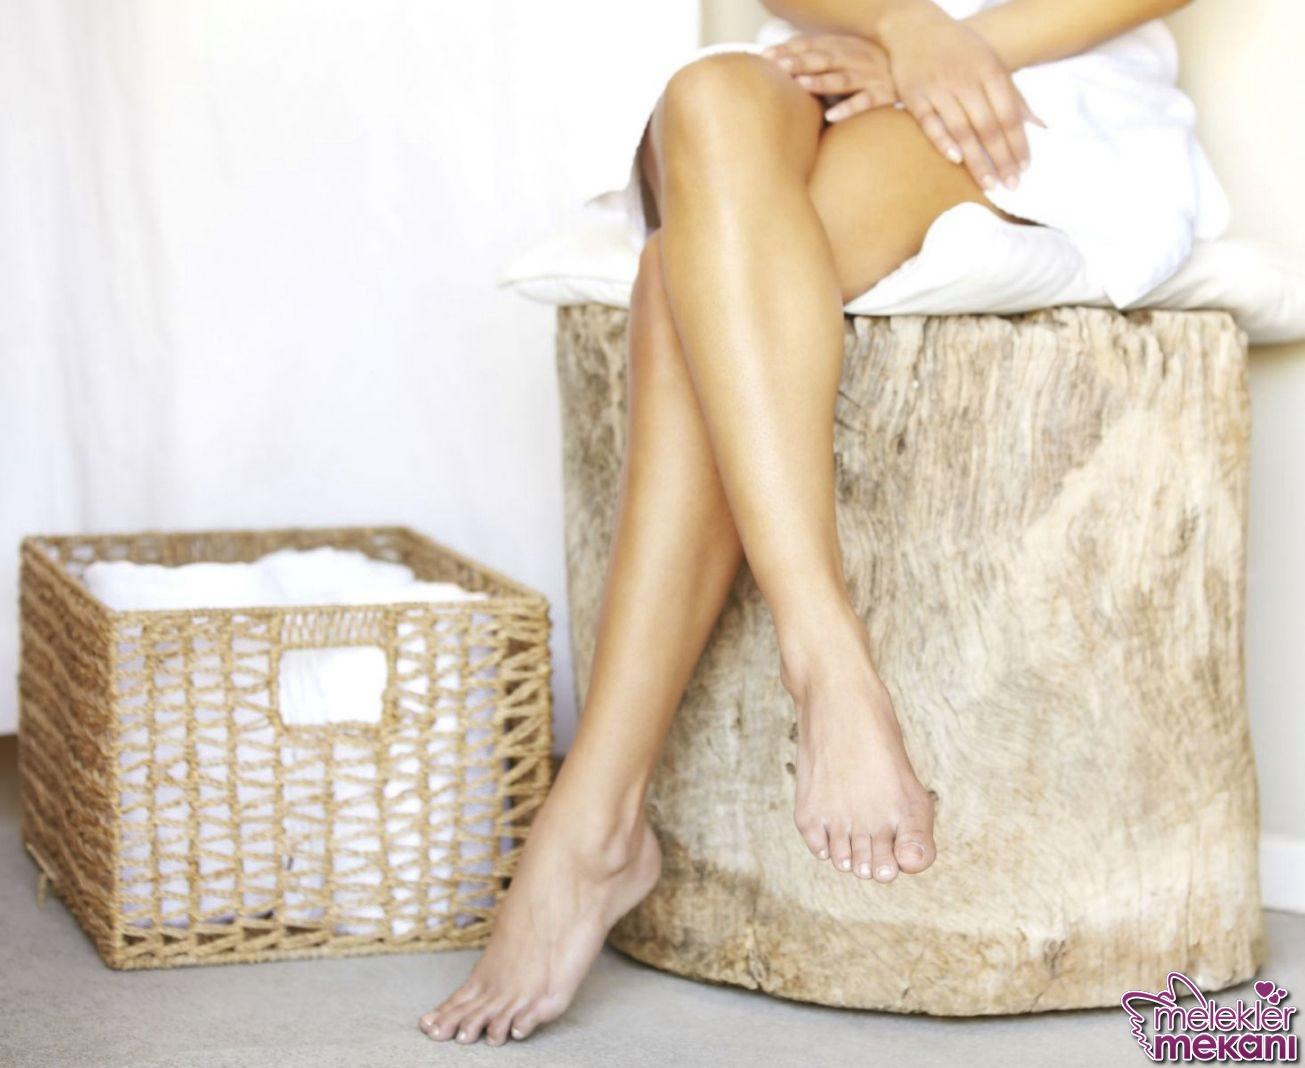 Bacak bakımı nasıl yapılır.jpg